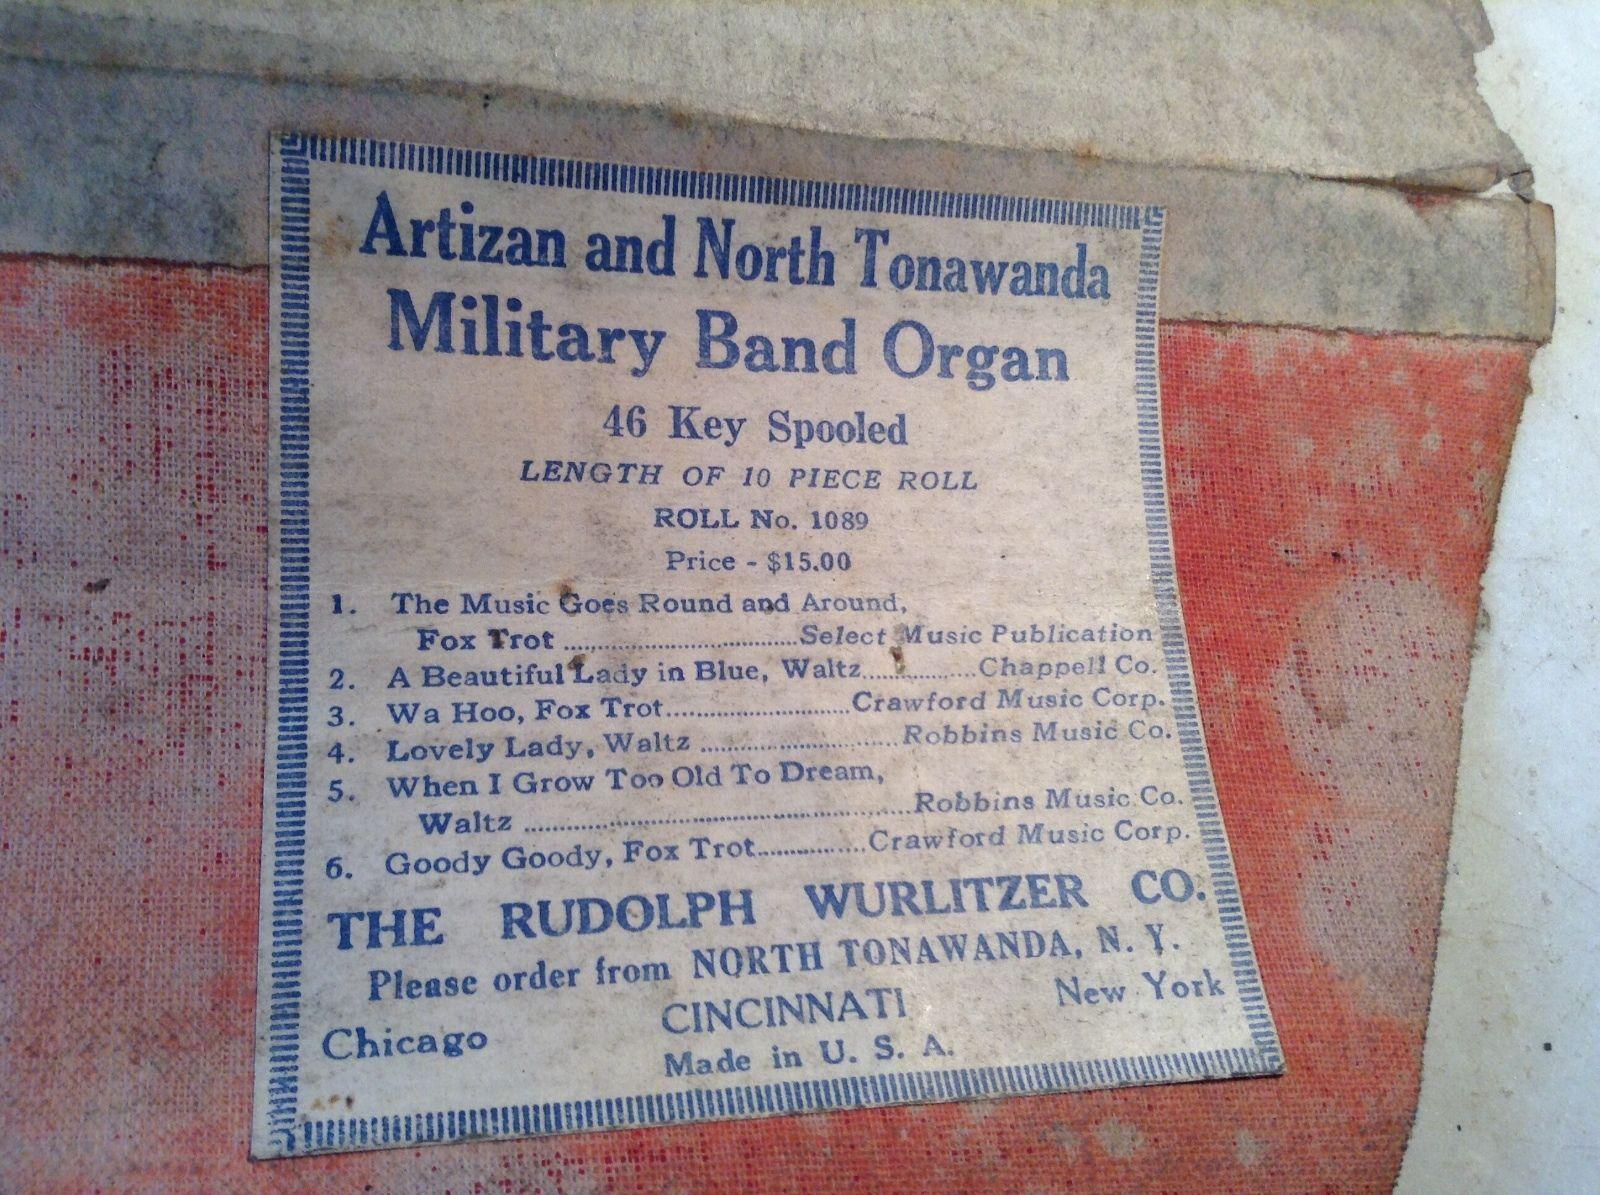 Artizan and NT Wurlitzer music roll (c1930).jpg